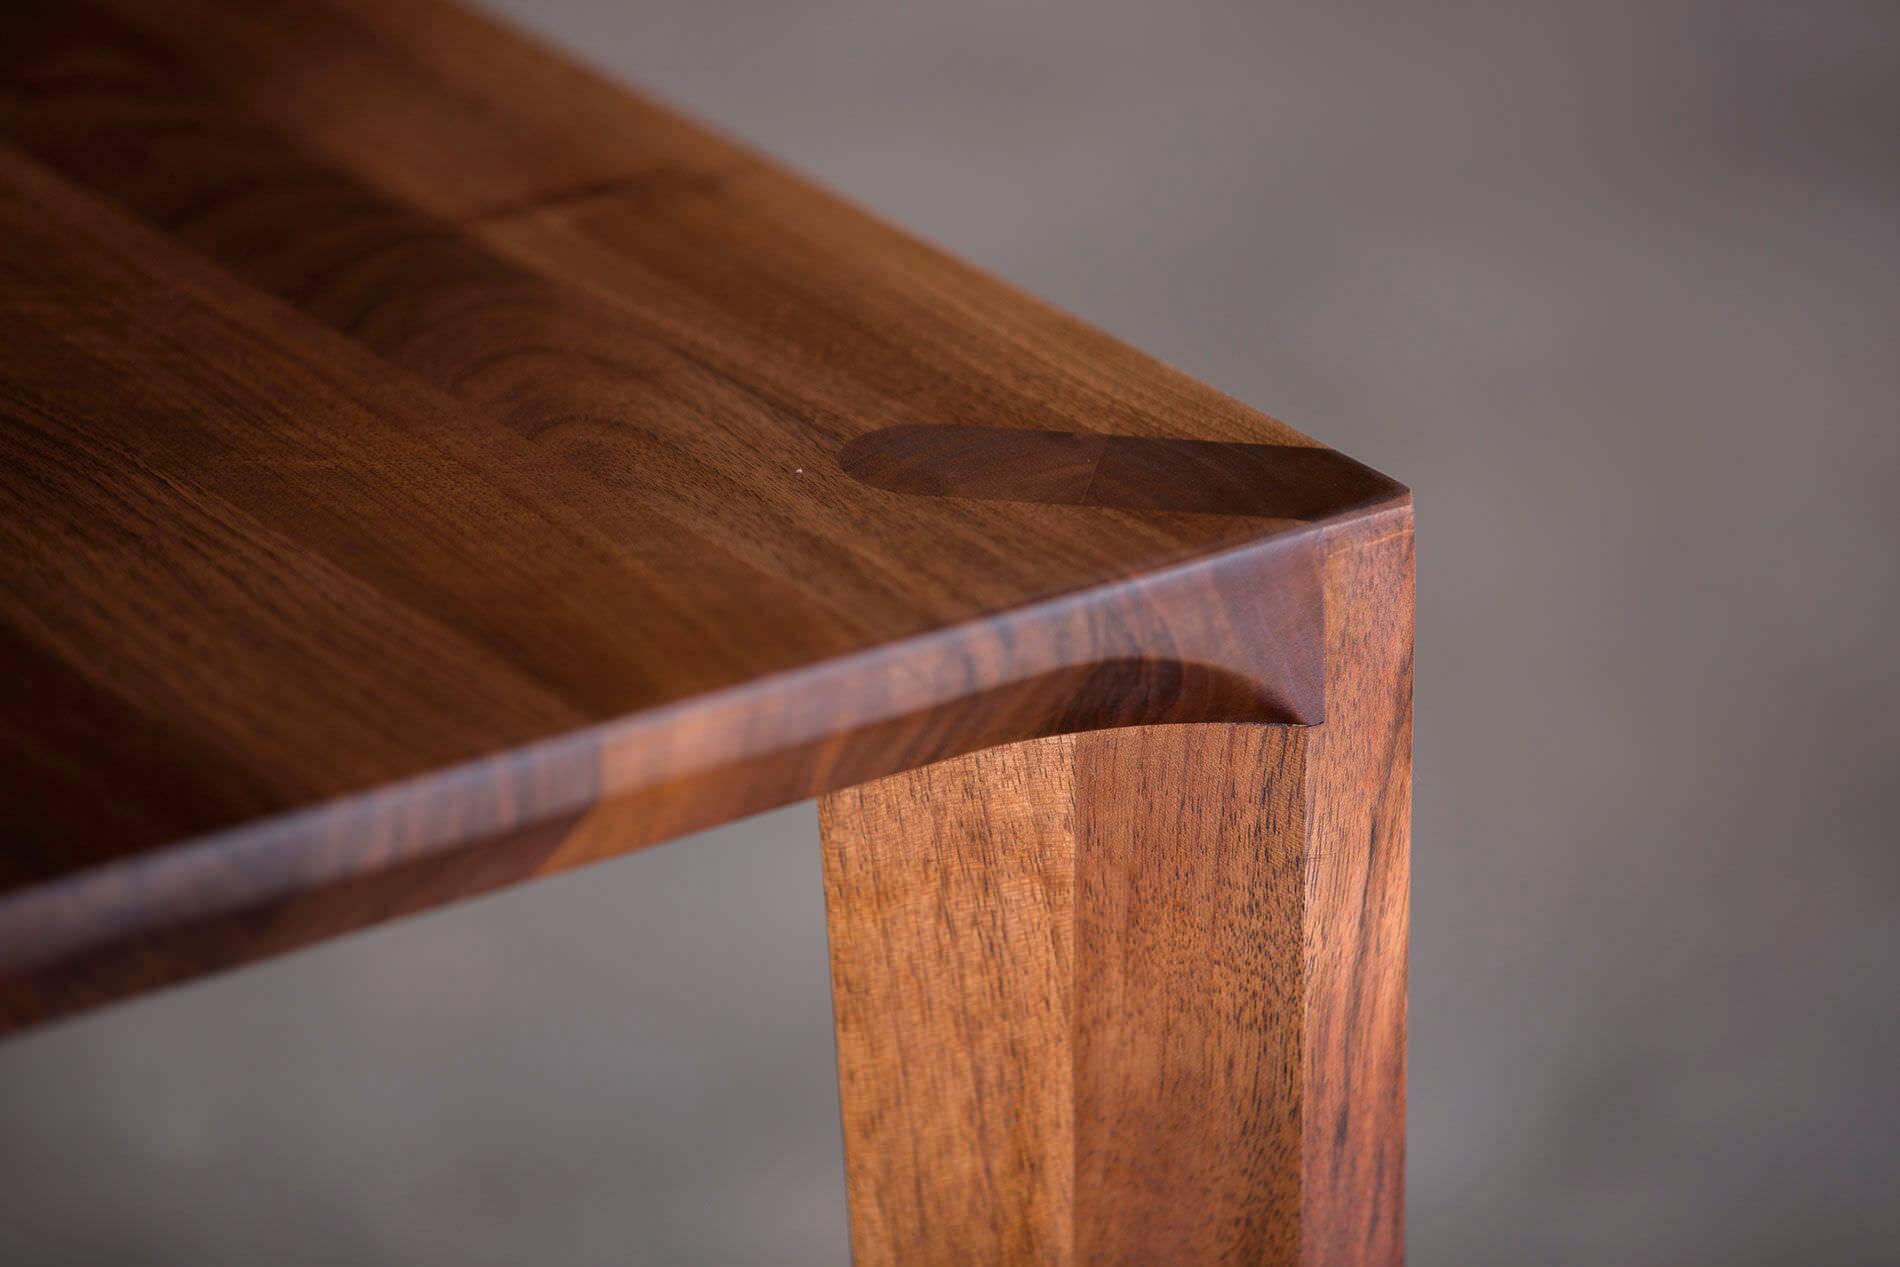 Chú ý đến mùi gỗ, màu sắc của sơn gỗ cũng như chất lượng sơn